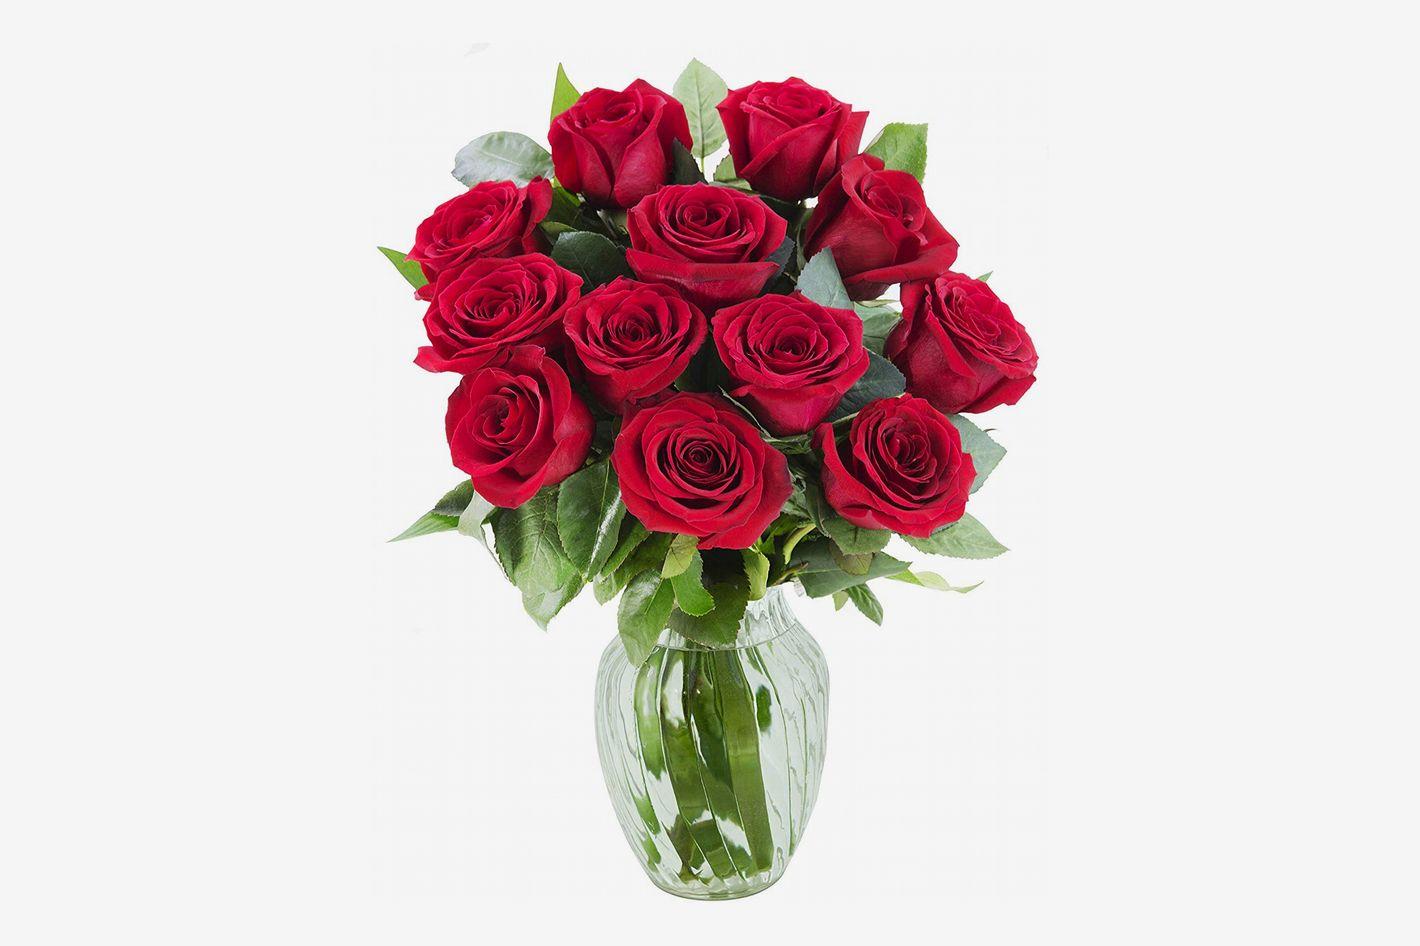 KaBloom The Romantic Classic Bouquet